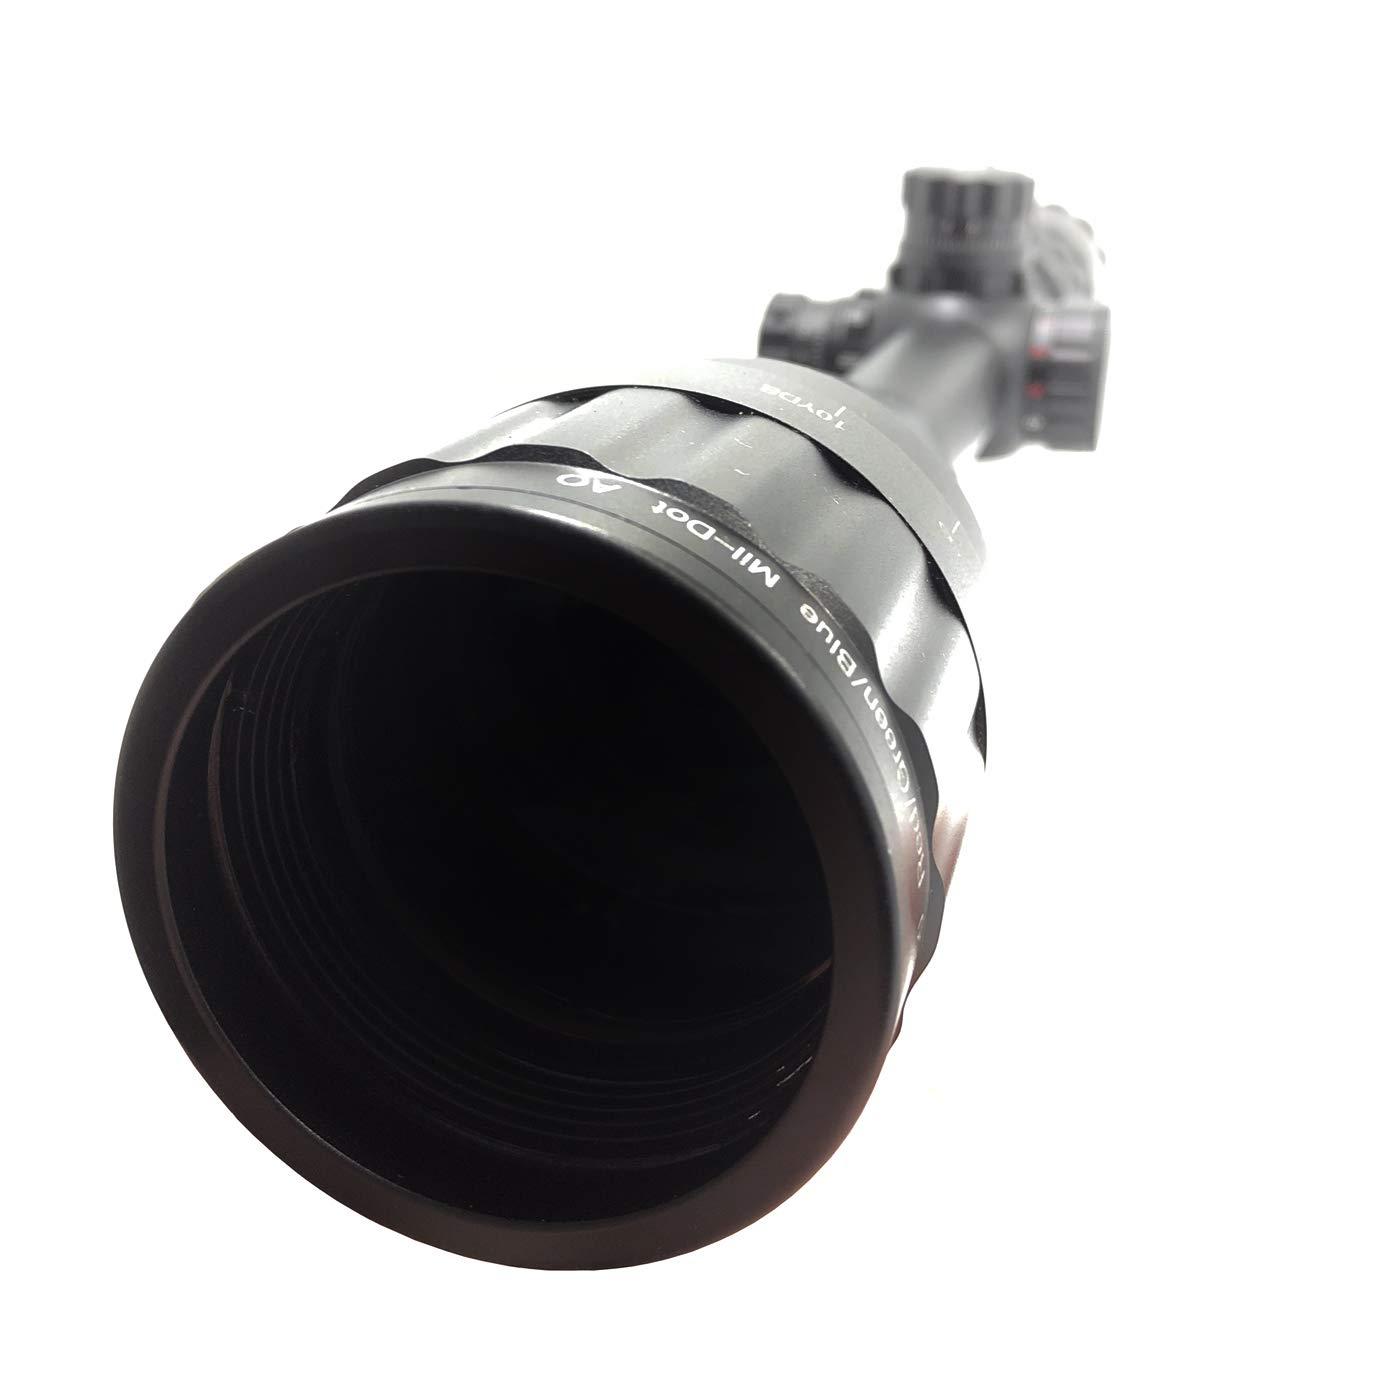 Huntiger Lunette De Vis/é e 6-24x50 pour Fusil De Chasse Airsoft